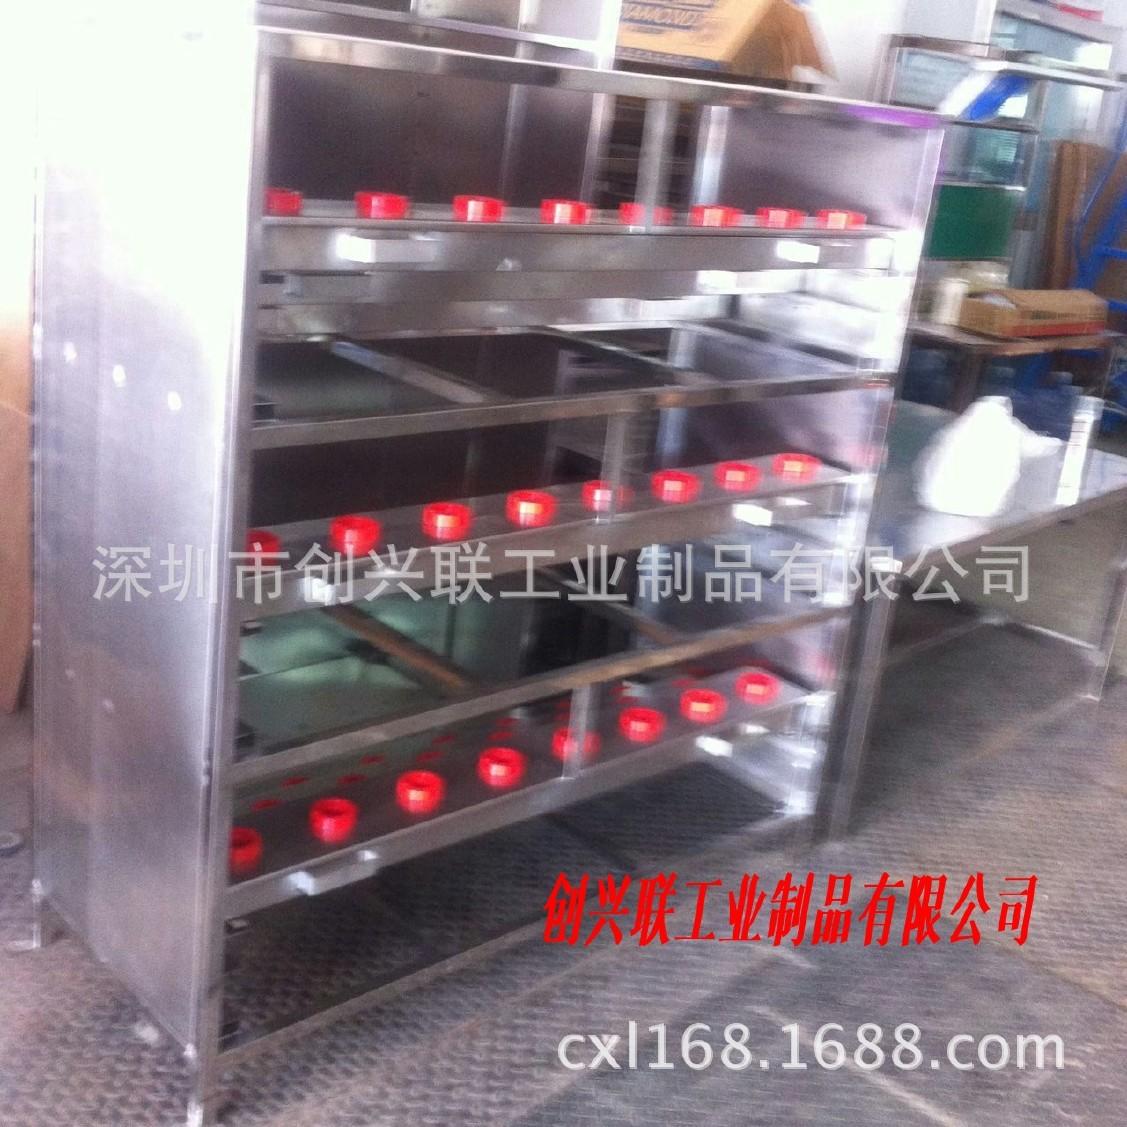 热销重型刀具柜 抽屉式刀具柜 移动刀具柜 标准刀具柜生产图片